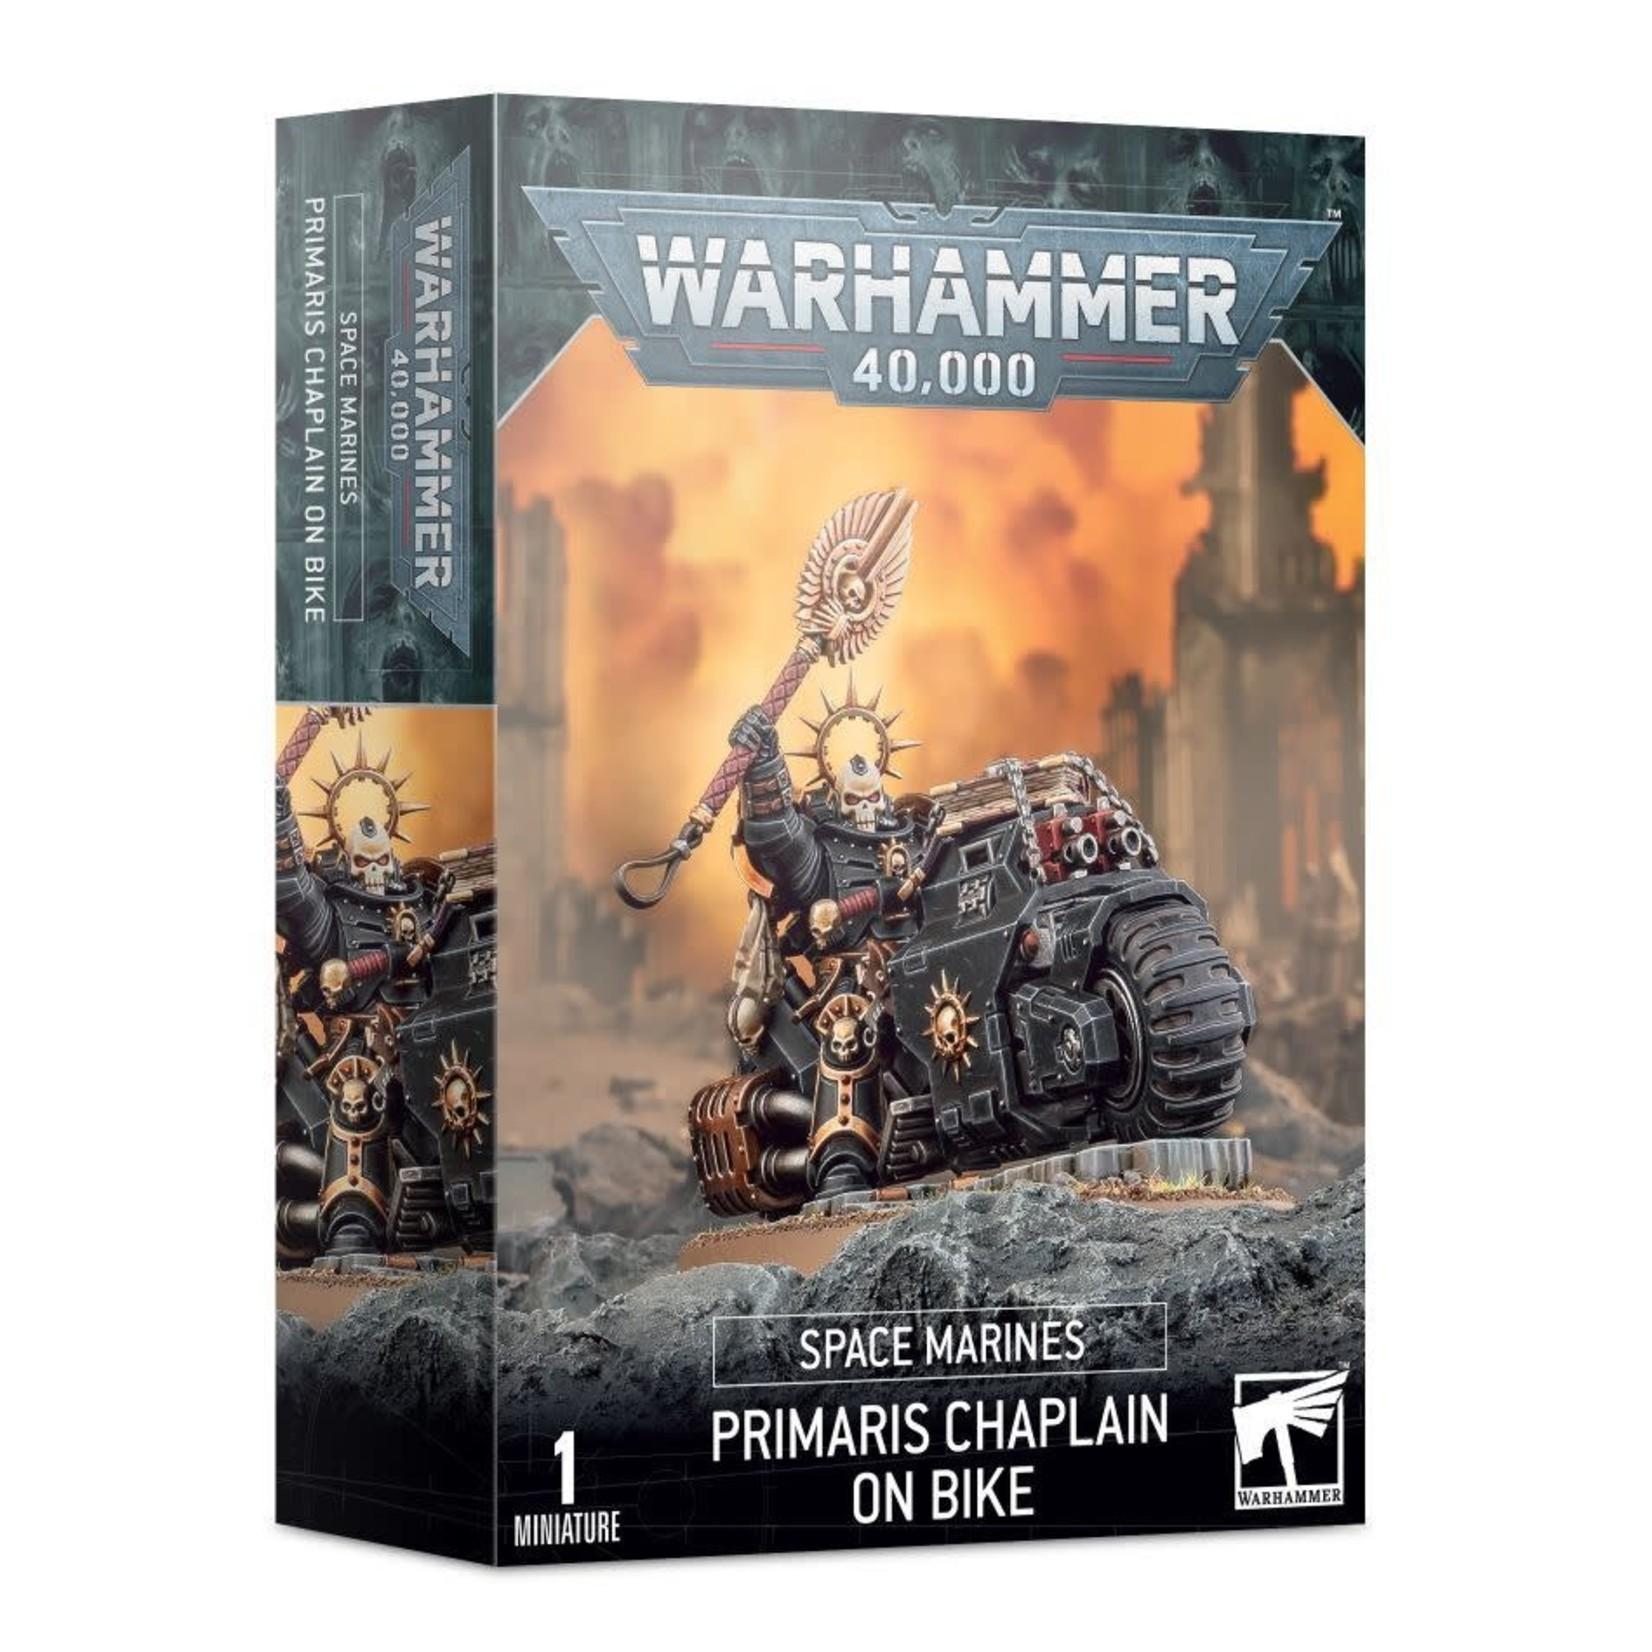 Games Workshop Warhammer 40k: Space Marines - Primaris Chaplain on Bike